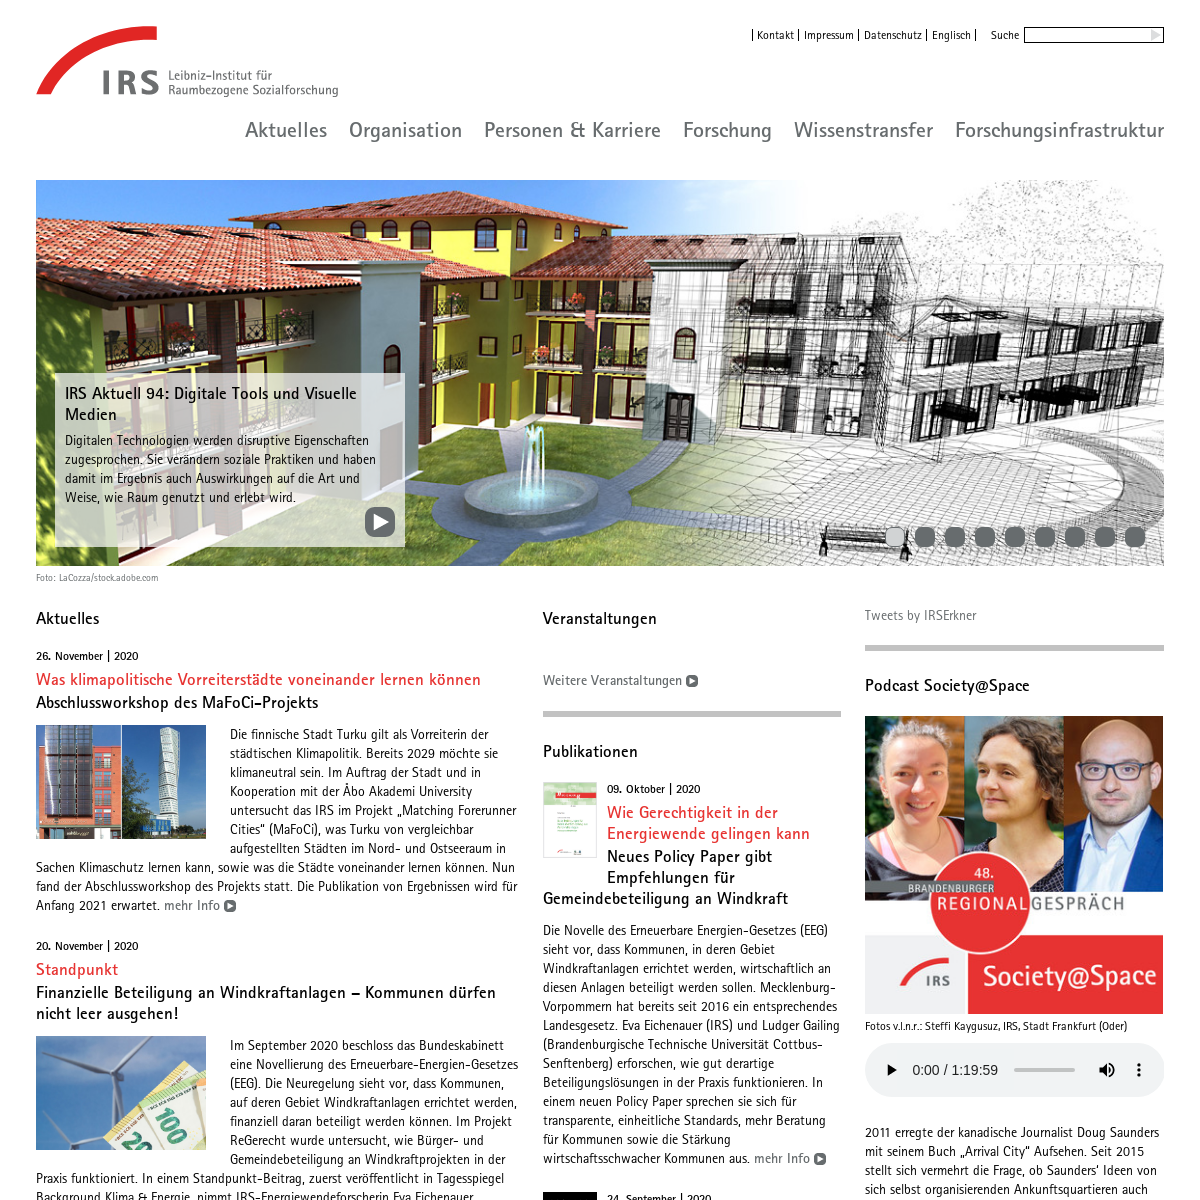 Startseite - Leibniz-Institut für Raumbezogene Sozialforschung